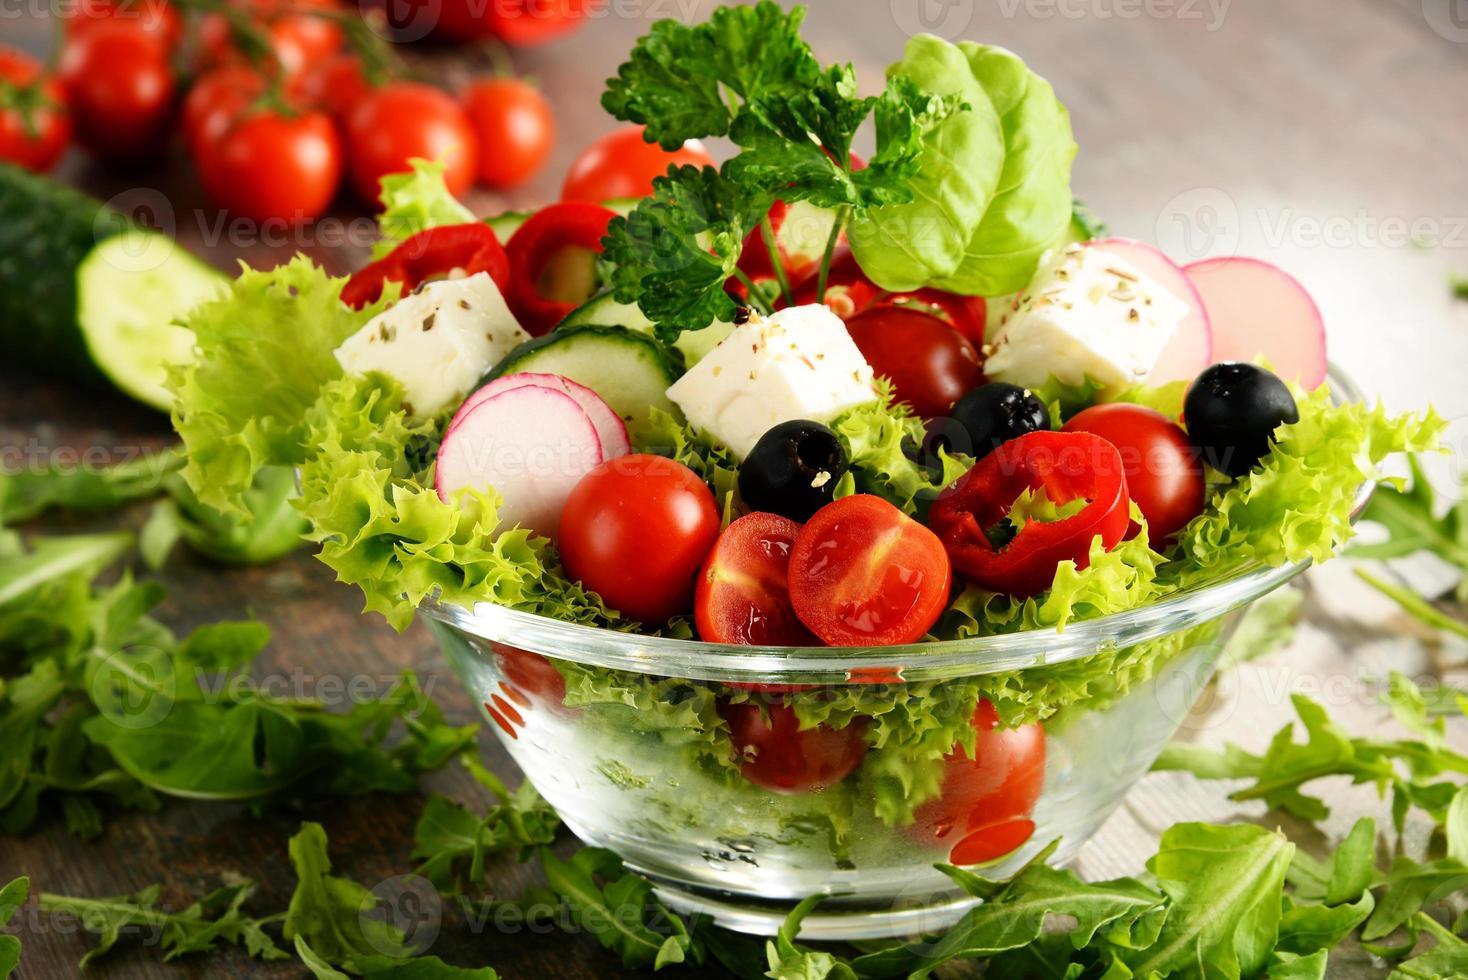 saladier de légumes sur la table de la cuisine. régime équilibré photo